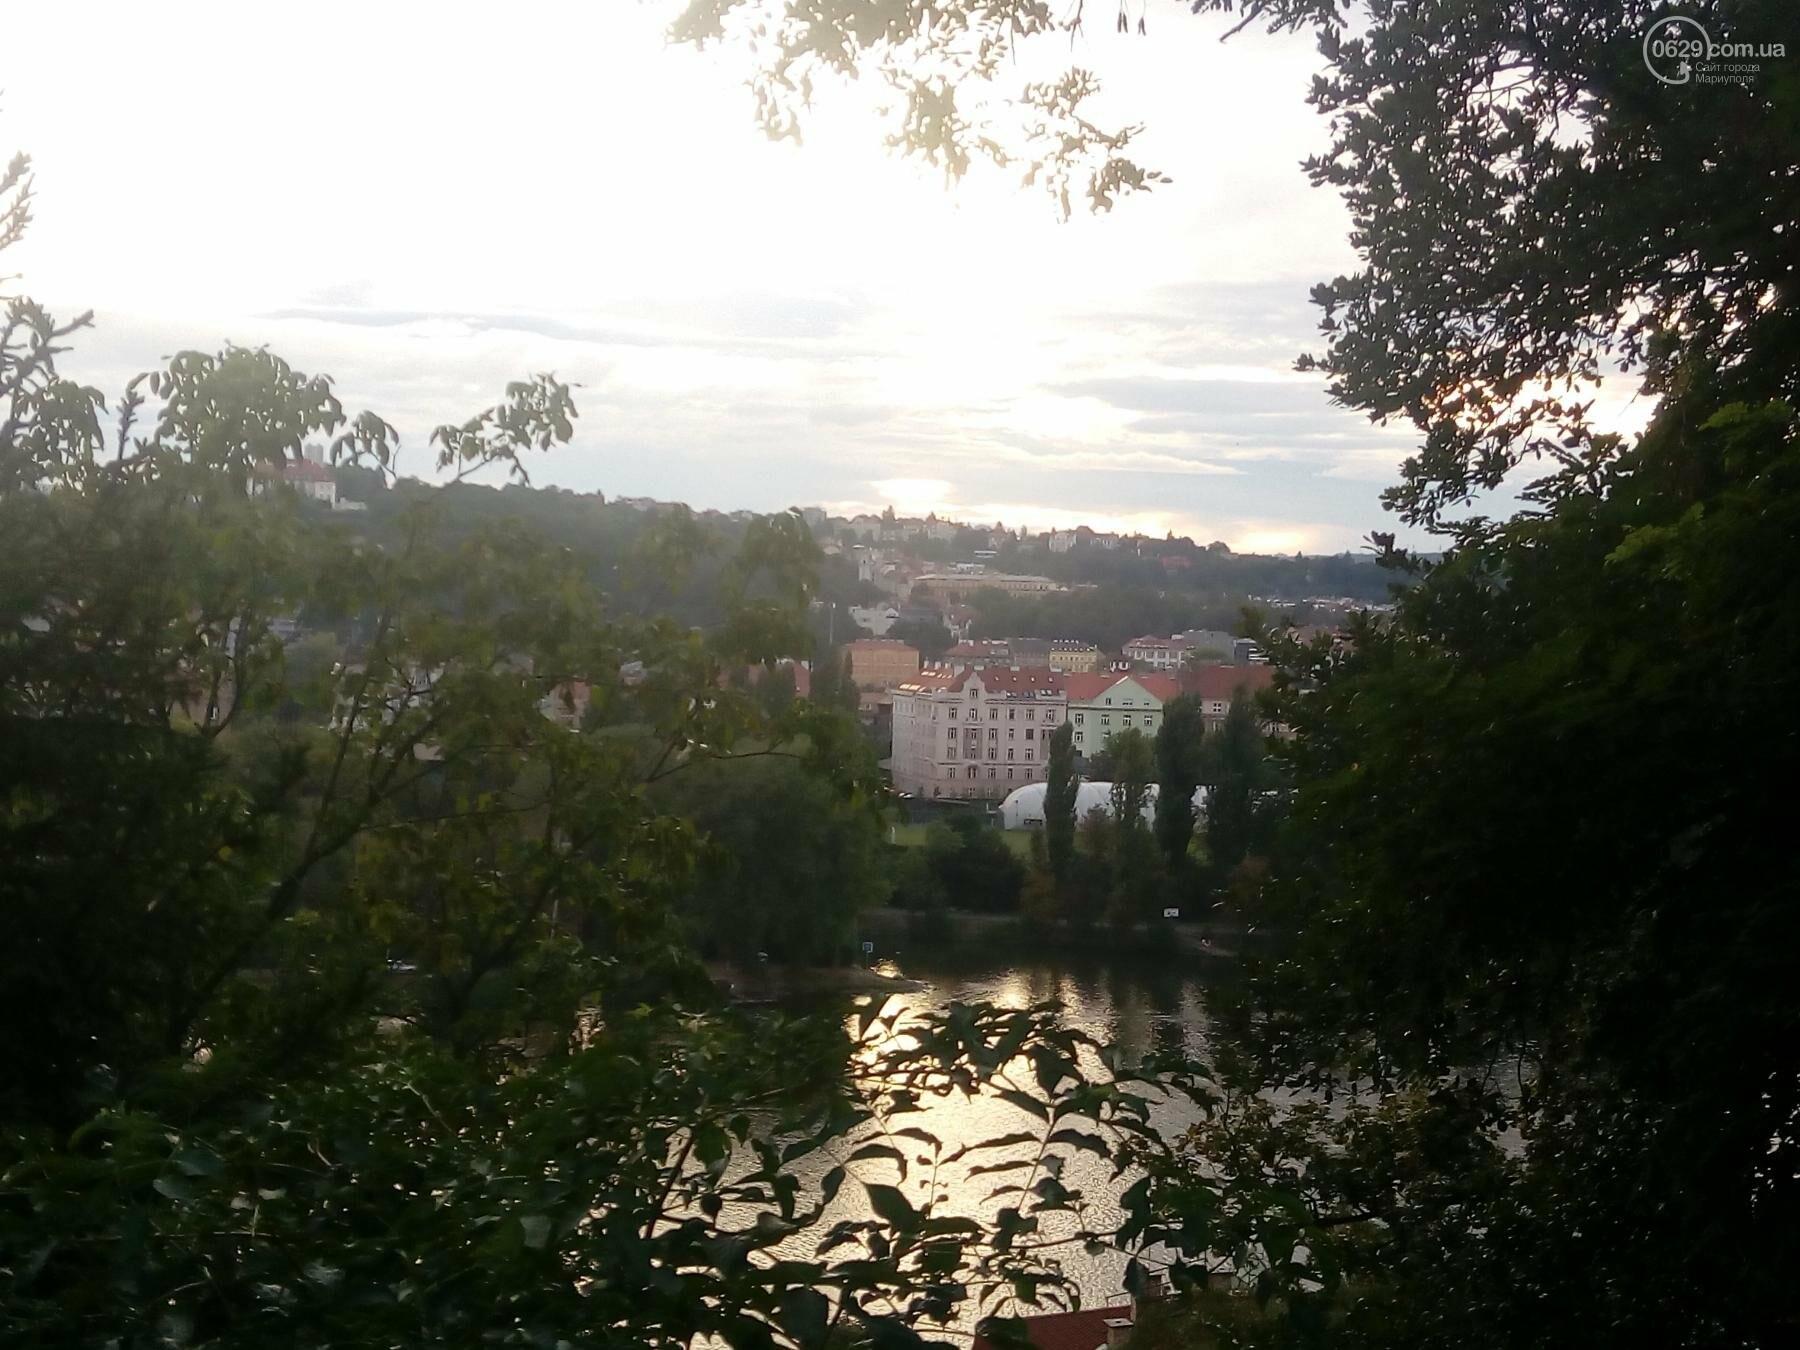 Город красных крыш. Как мариупольцам добраться в Прагу, что посмотреть, и сколько для этого нужно денег (ФОТО), фото-30